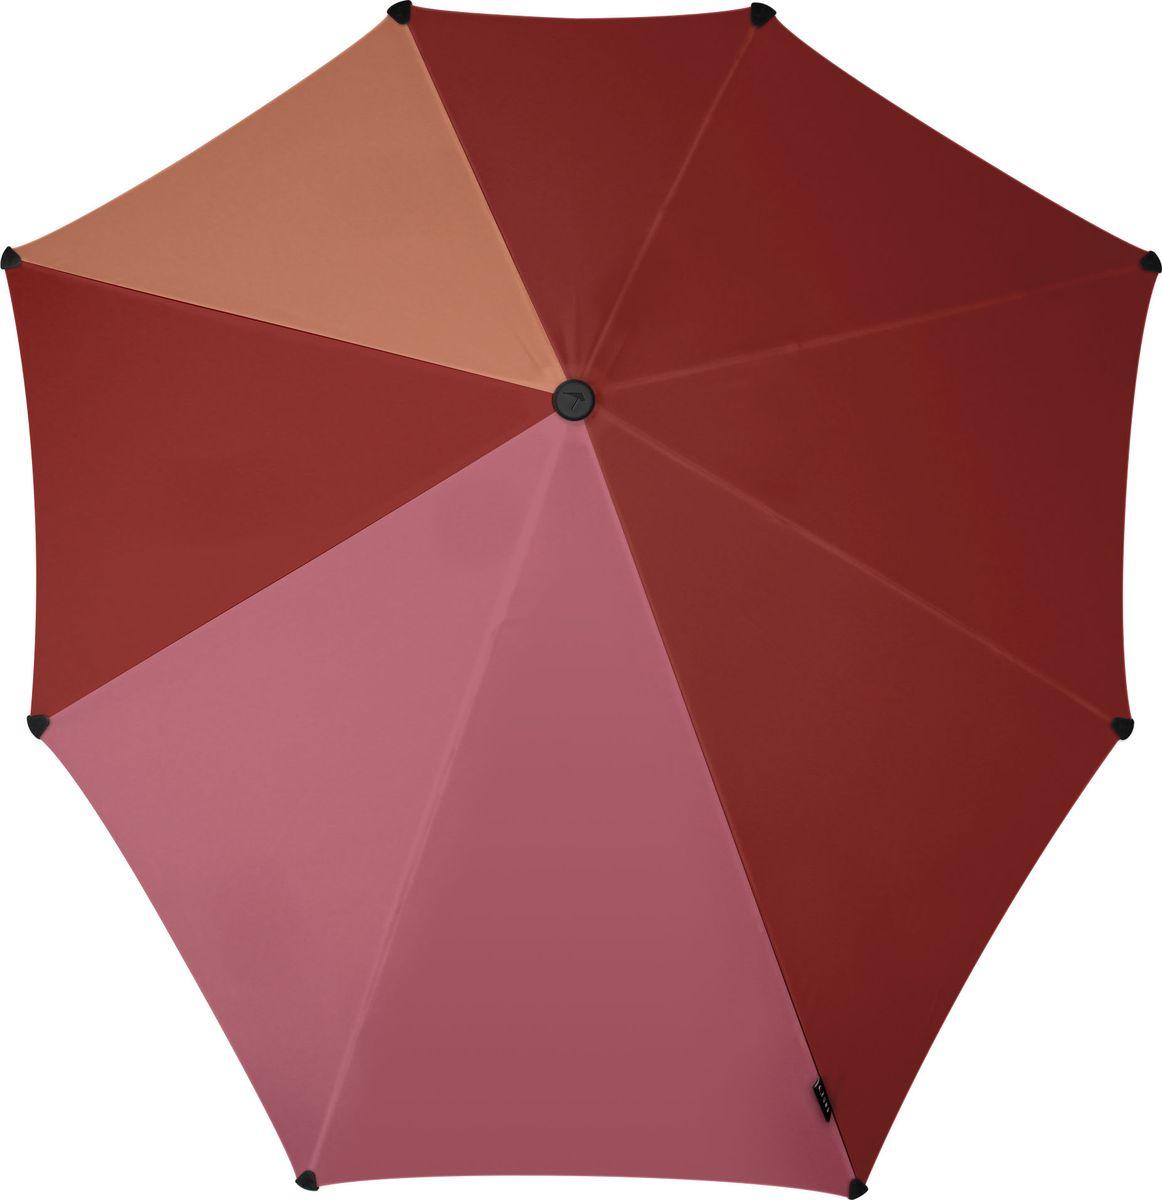 Зонт Senz, цвет: бордовый. 20110922011092Инновационный противоштормовый зонт, выдерживающий любую непогоду. Входит в коллекцию urban breeze, разработанную в соответствии с современными течениями fashion-индустрии. Зонт Senz отлично дополнит образ, подчеркнет индивидуальность и вкус своего обладателя. Легкий, компактный и прочный он открывается и закрывается нажатием на кнопку. Закрывает спину от дождя, а благодаря своей усовершенствованной конструкции, зонт не выворачивается наизнанку даже при сильном ветре. Модель Senz automatic выдержала испытания в аэротрубе со скоростью ветра 80 км/ч. - тип — автомат - три сложения - выдерживает порывы ветра до 80 км/ч - УФ-защита 50+ - эргономичная ручка - безопасные колпачки на кончиках спиц - в комплекте плотный чехол - гарантия 2 года